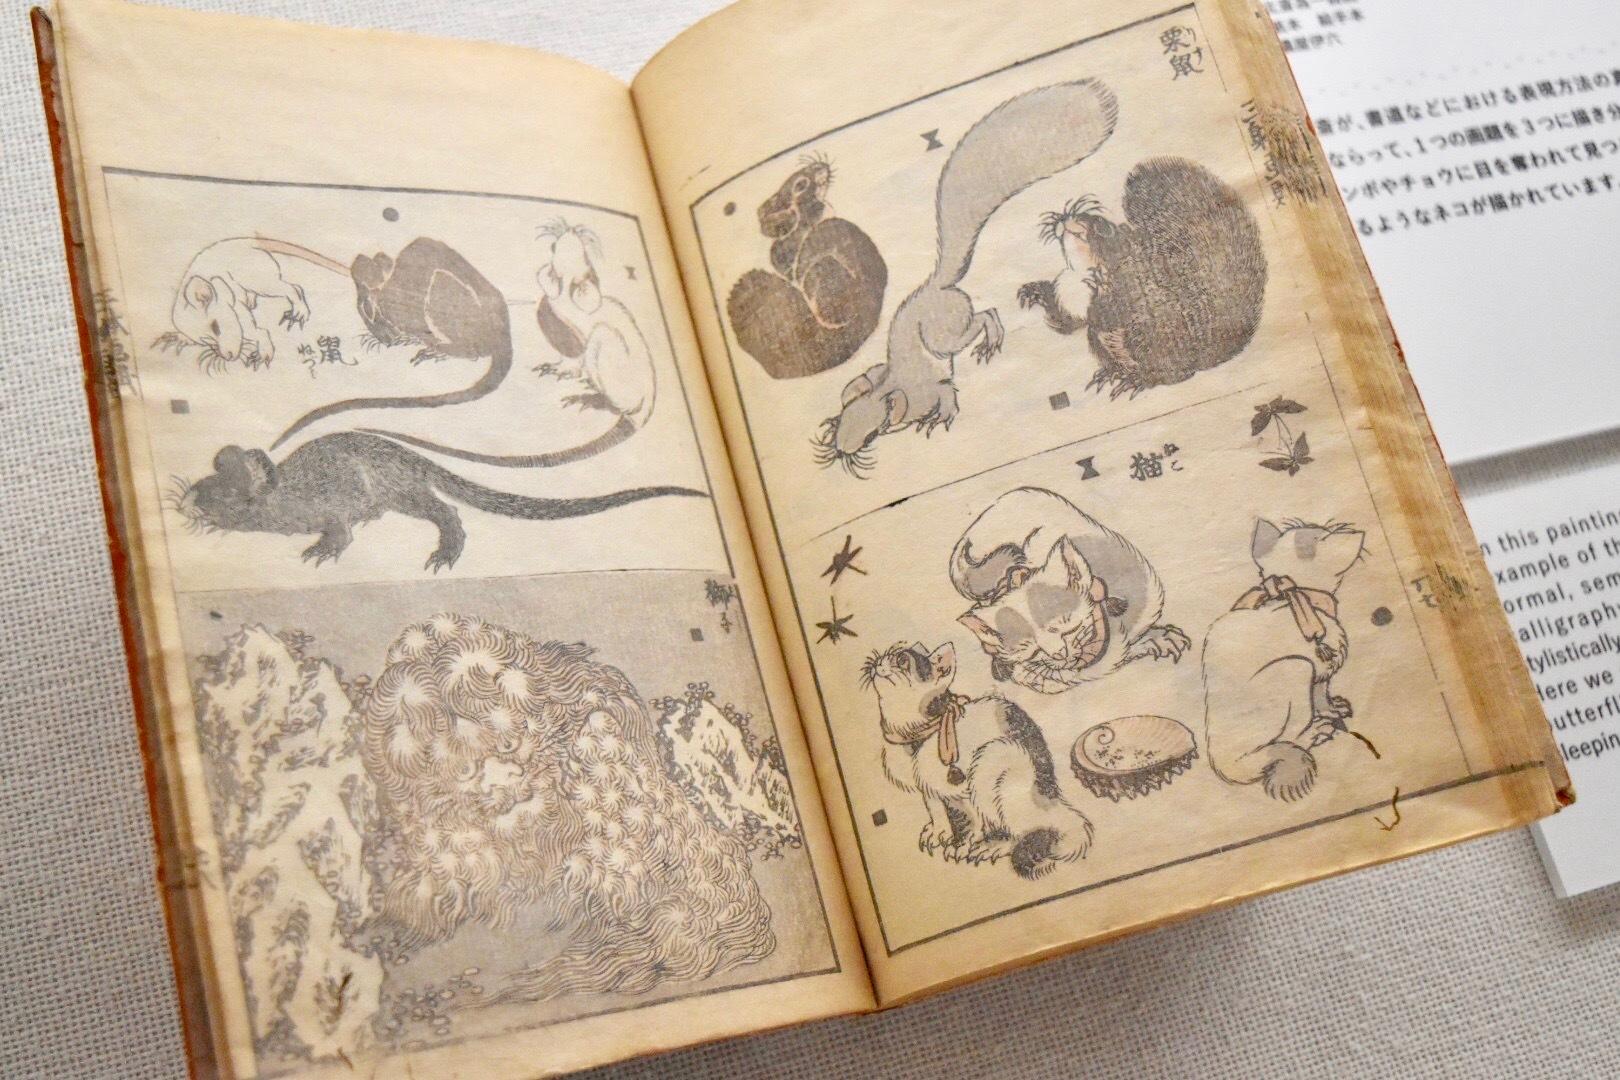 葛飾北斎 『三体画譜』栗鼠 猫 鼠 獅子 年未詳 すみだ北斎美術館所蔵